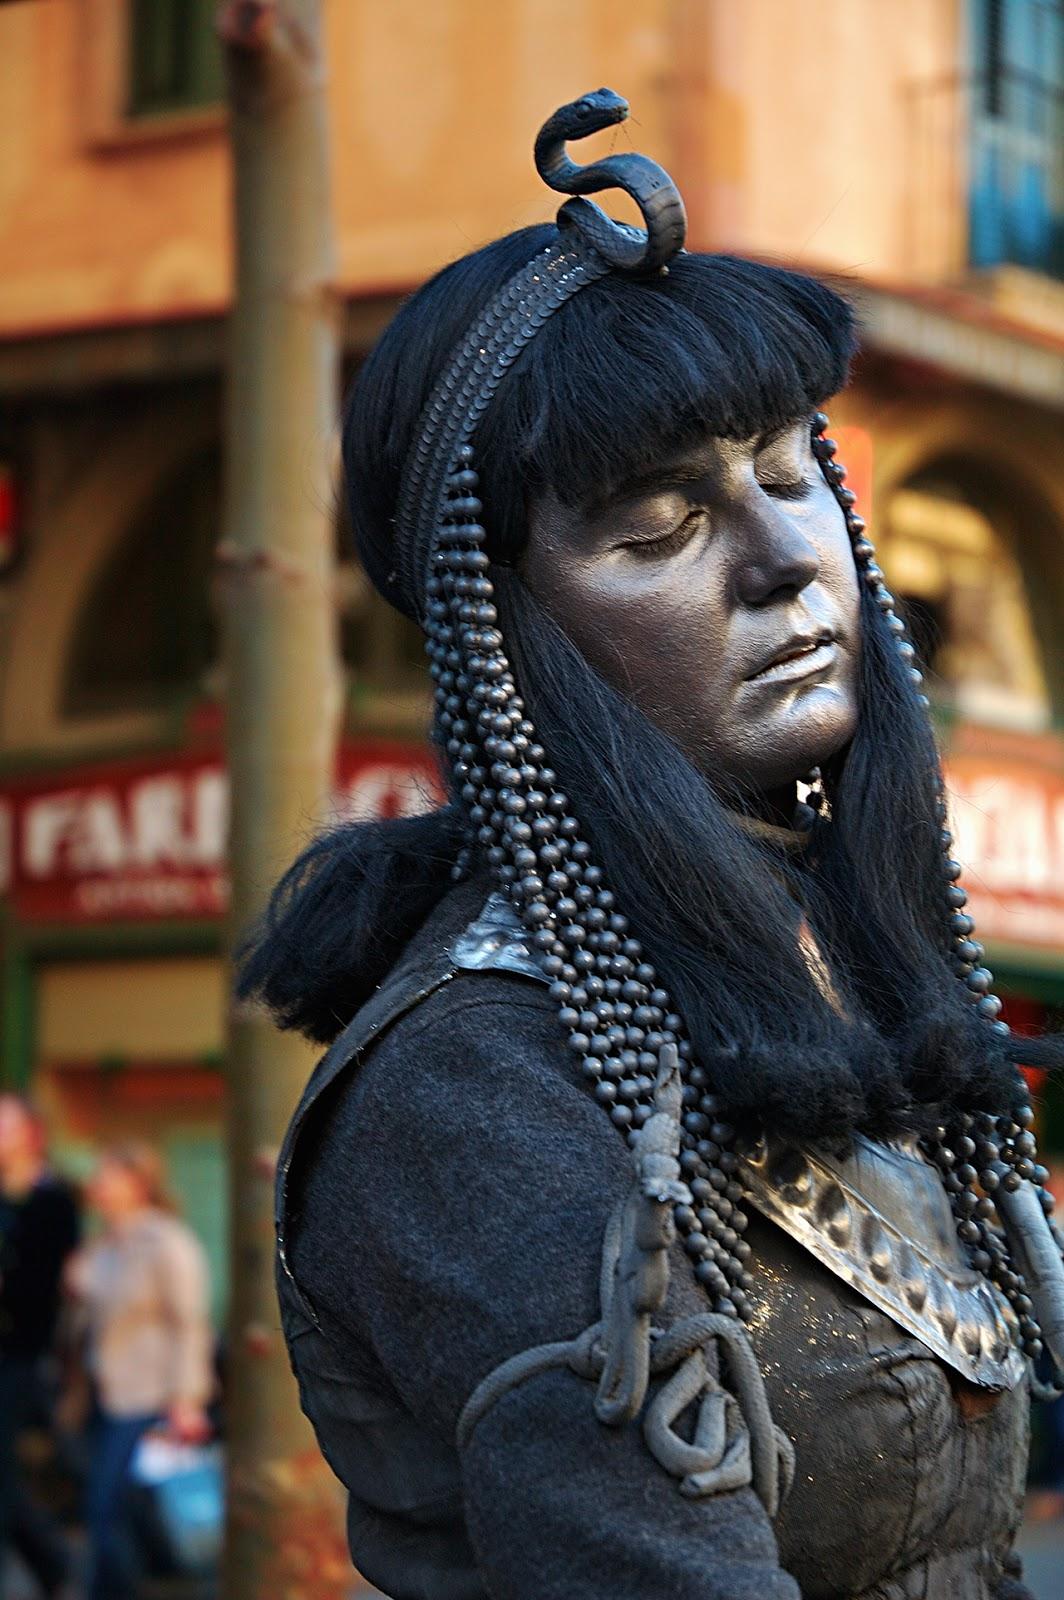 Human Statues at La Rambla: Hypnotic Cleopatra